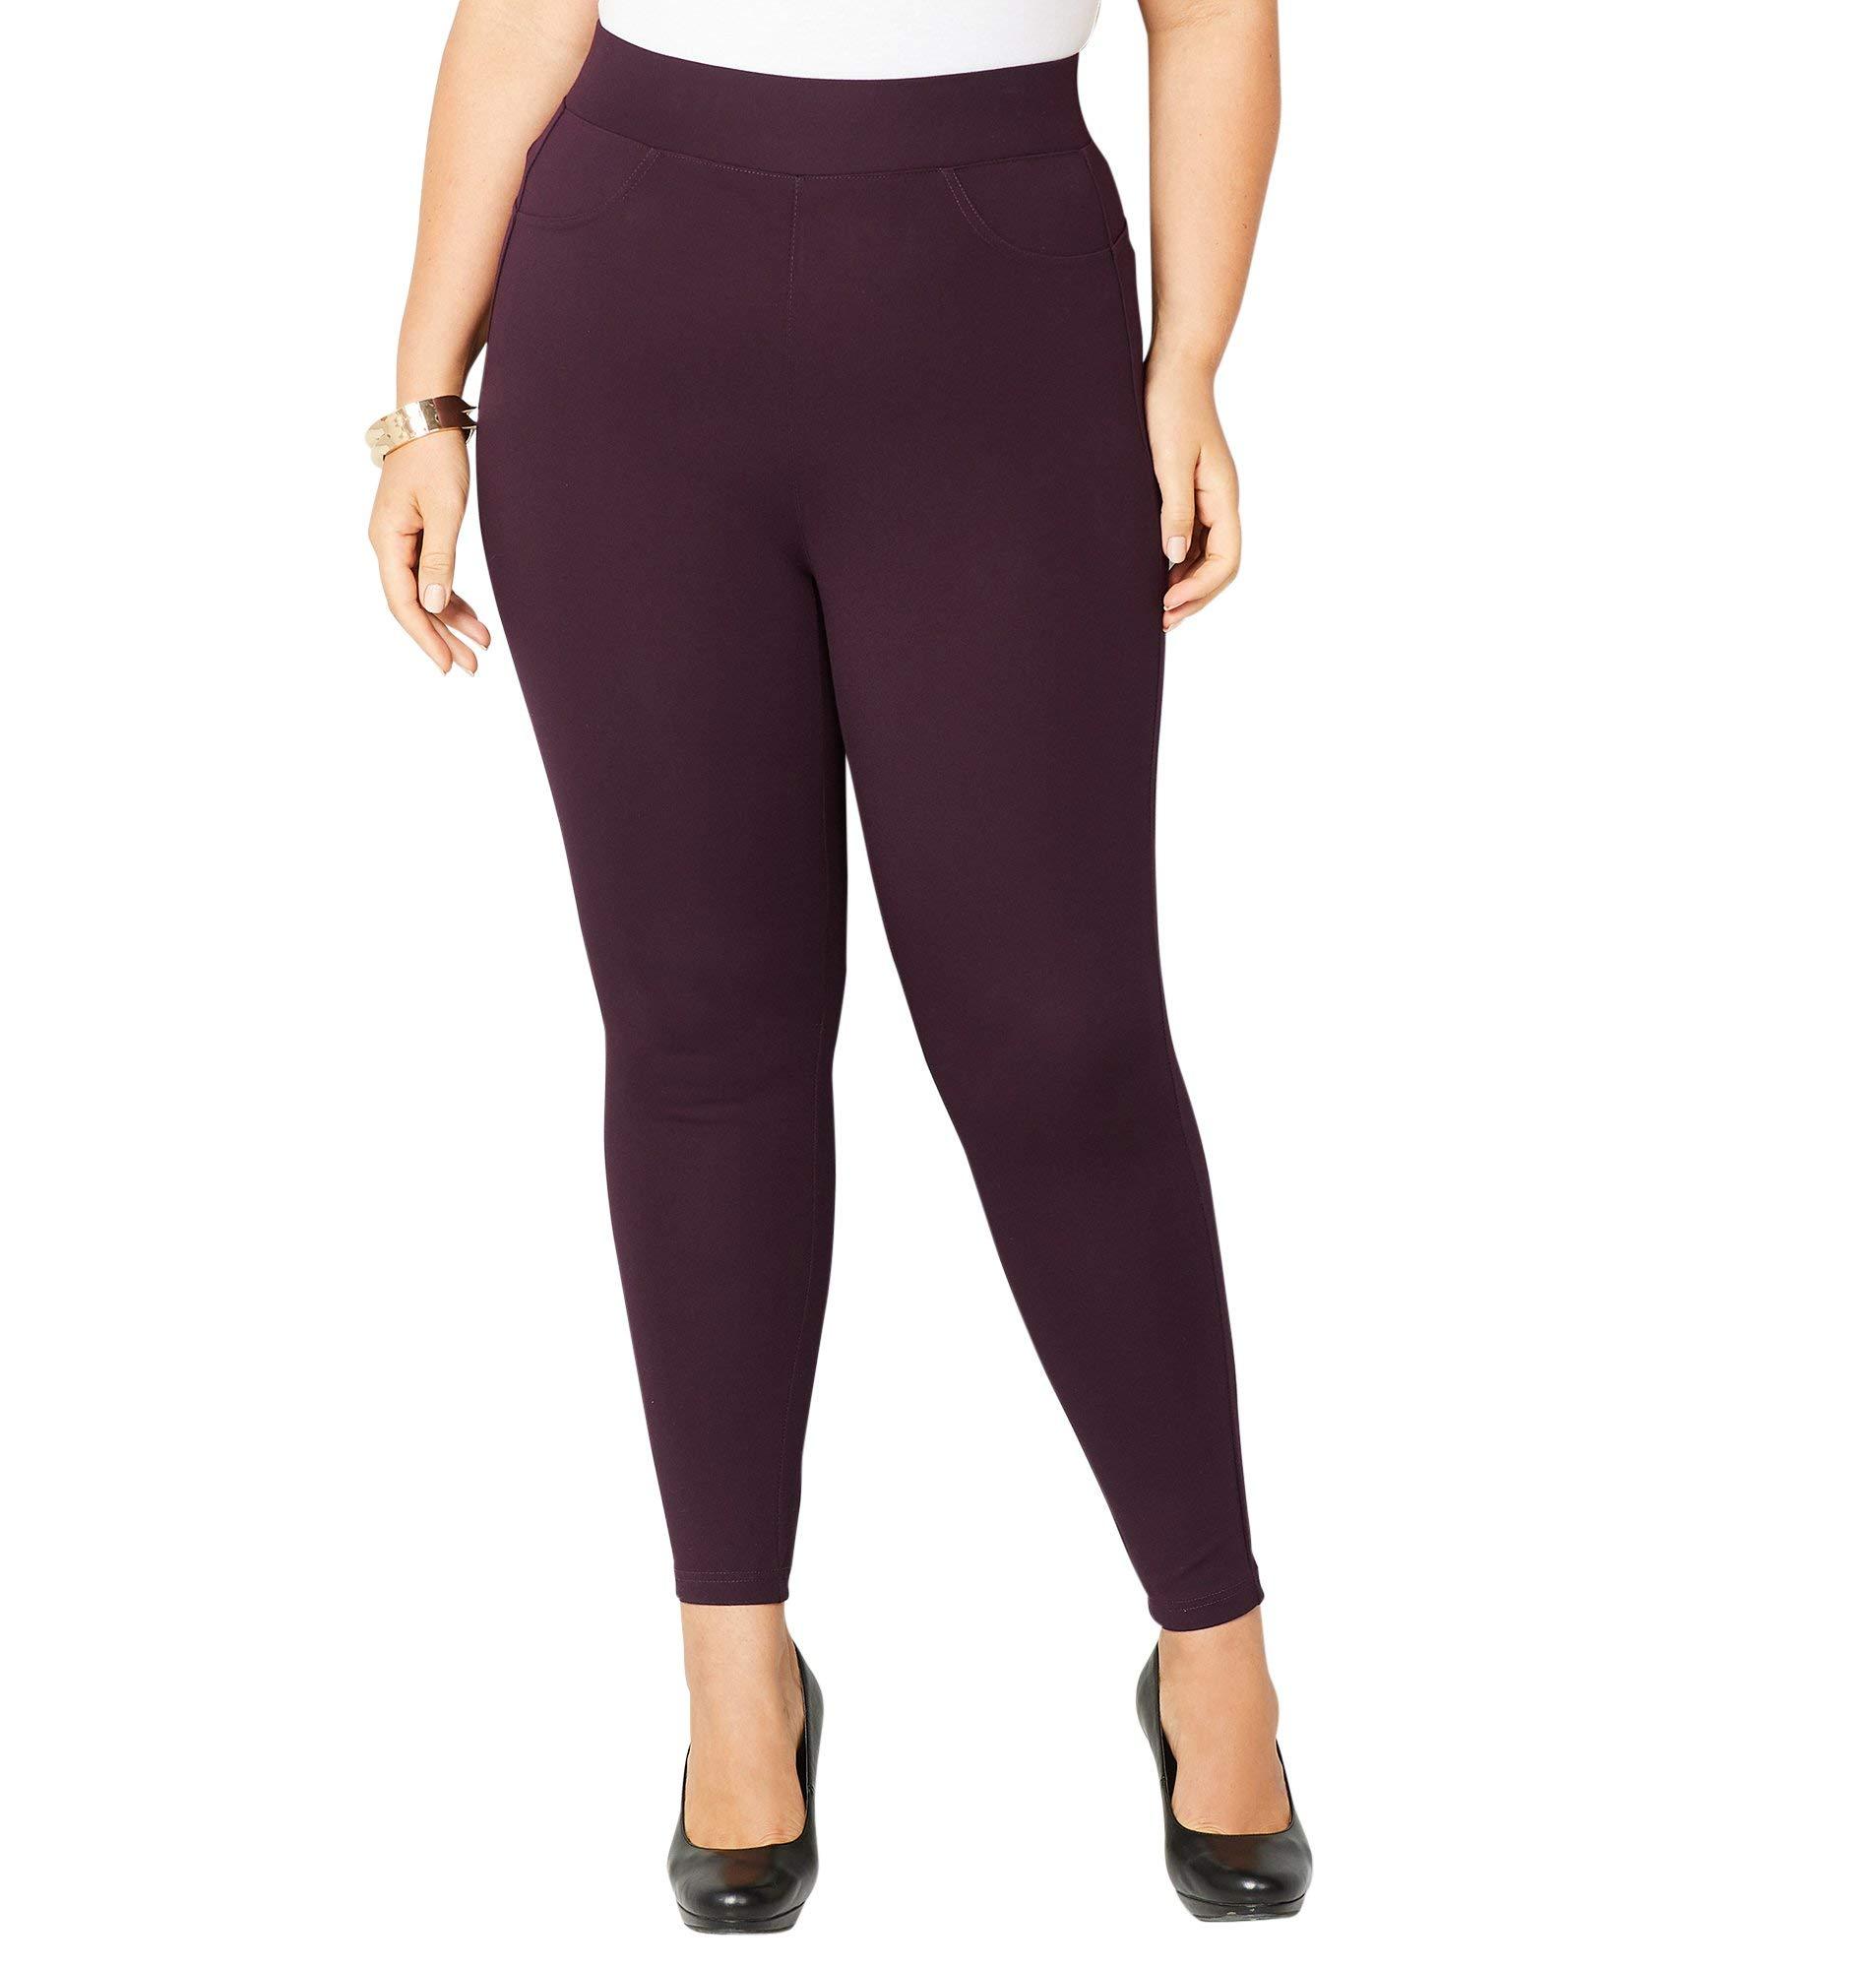 Avenue Women's Wide Waist Ponte Legging, 26/28 Purple